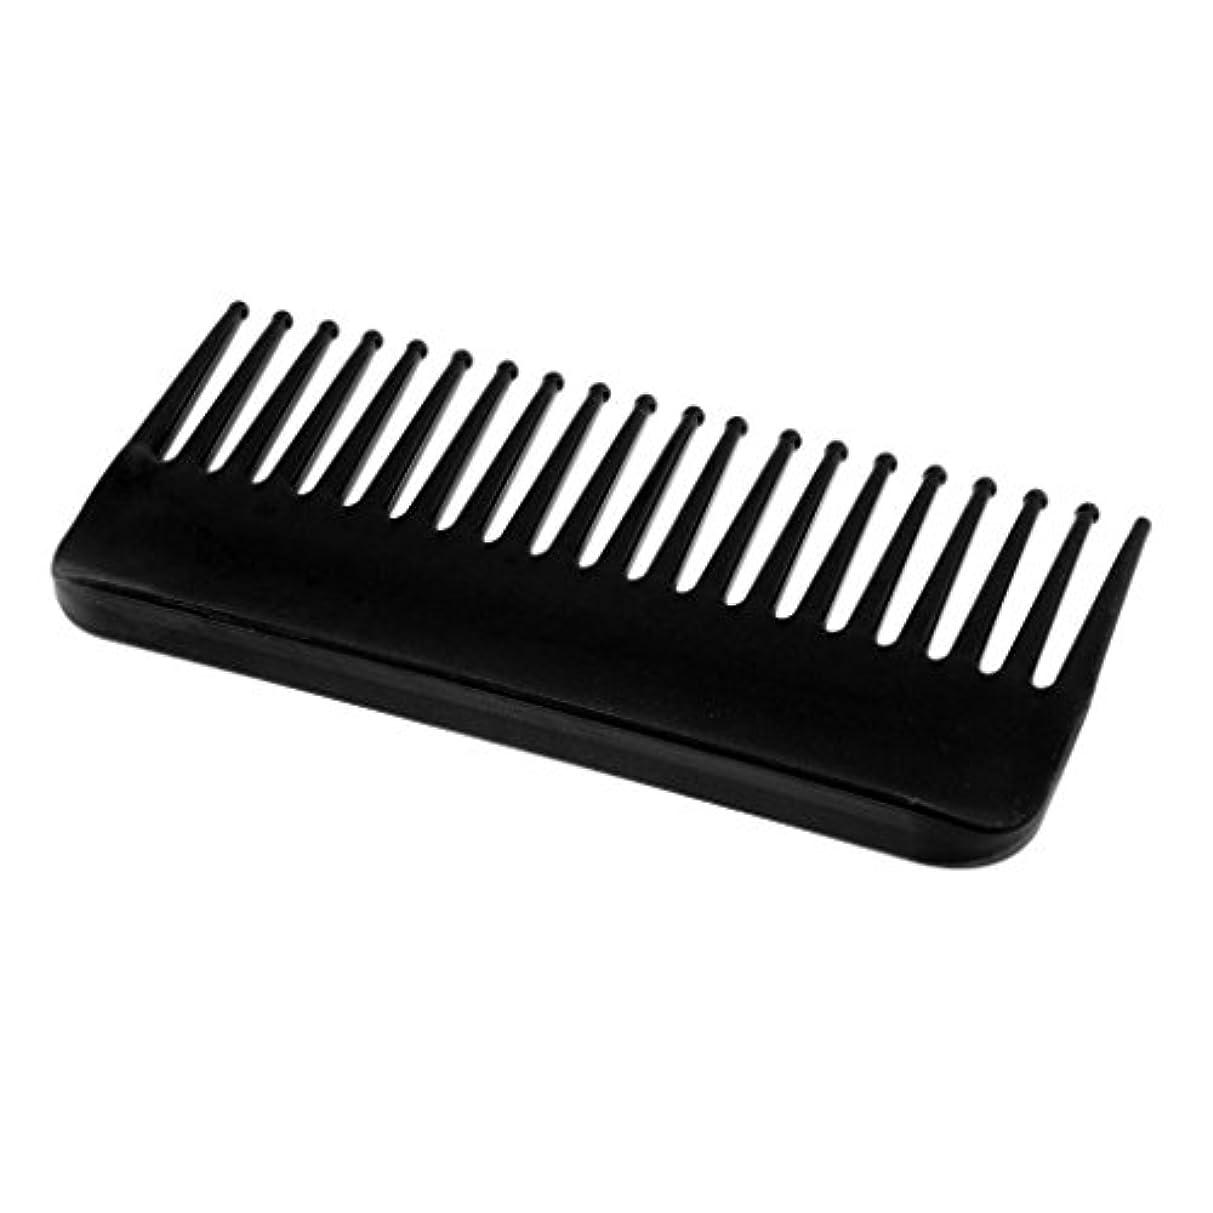 分岐するにんじん提供するヘアコーム コーム くし 頭皮 マッサージ プラスチック性 ヘアスタイリング 4色選べる - ブラック